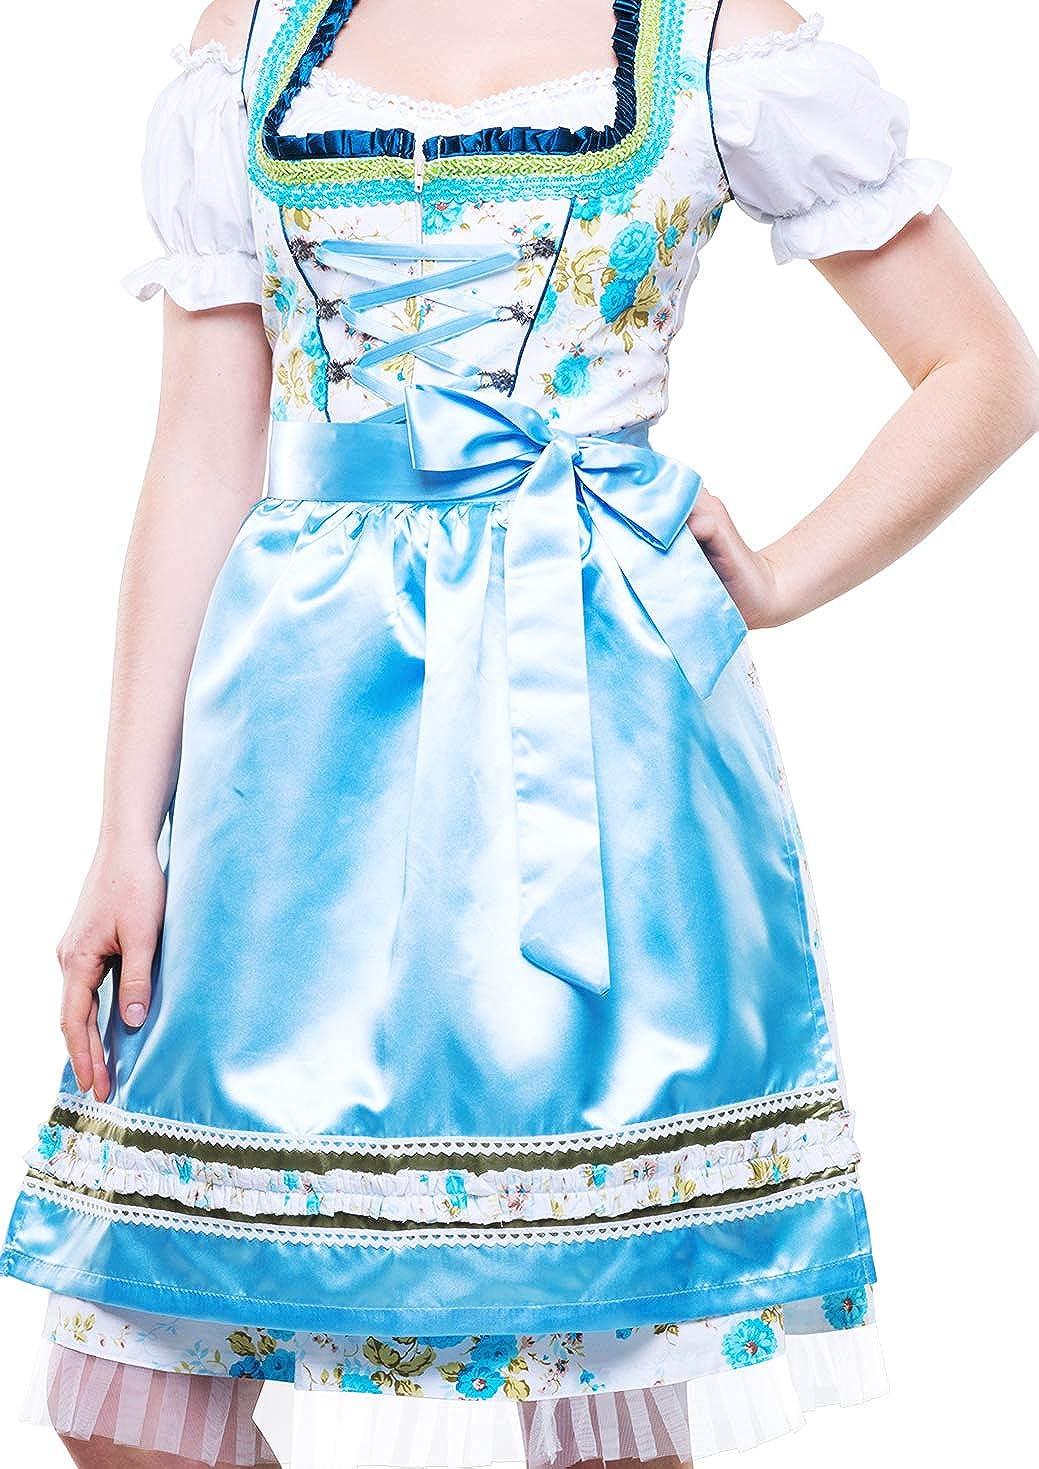 Bavarian Clothes ABVERKAUF Dirndl Damen Trachtenkleid Kleid 3 TLG mit Dirndlbluse Sch/ürze gebl/ümt Gr 34-54 in rot schwarz Gold t/ürkis blau pink violett gr/ün grau rosa Midi Oktoberfest